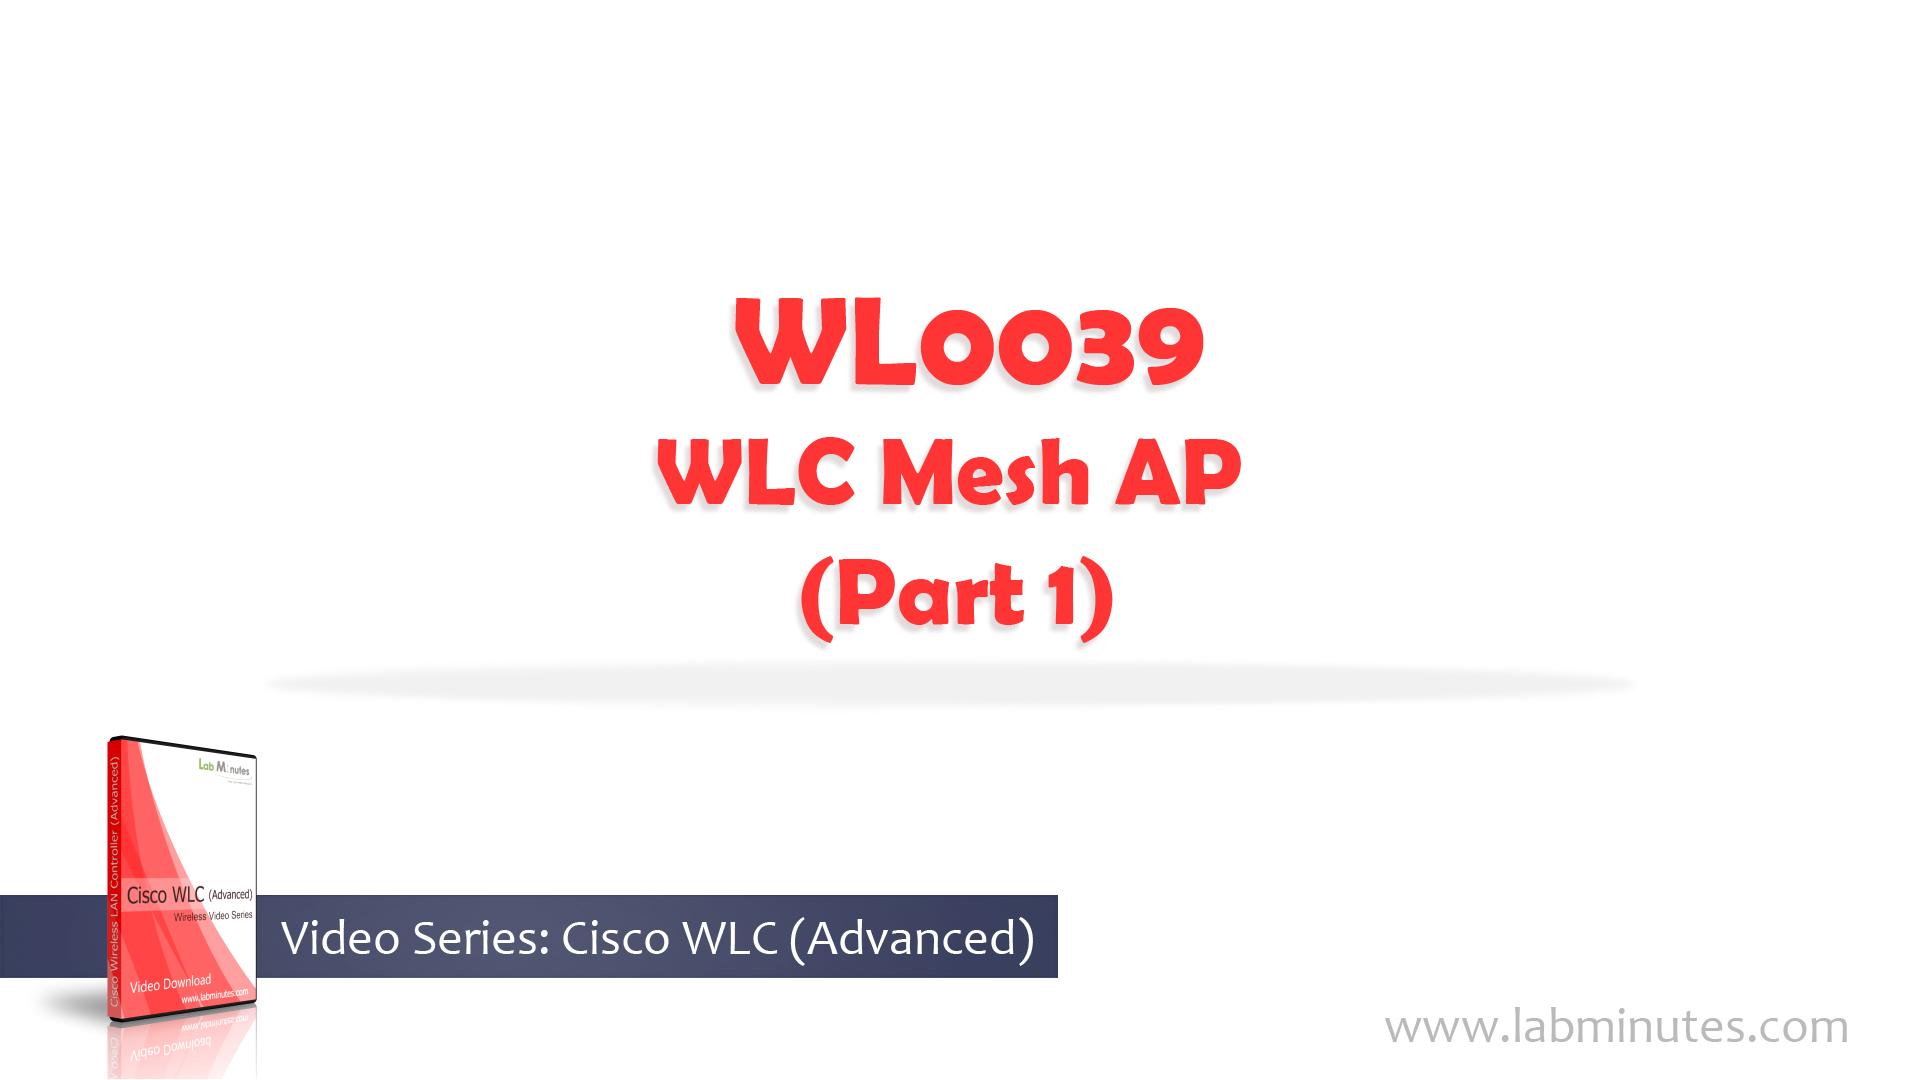 How to Configure Cisco WLC Mesh AP (Part 1)